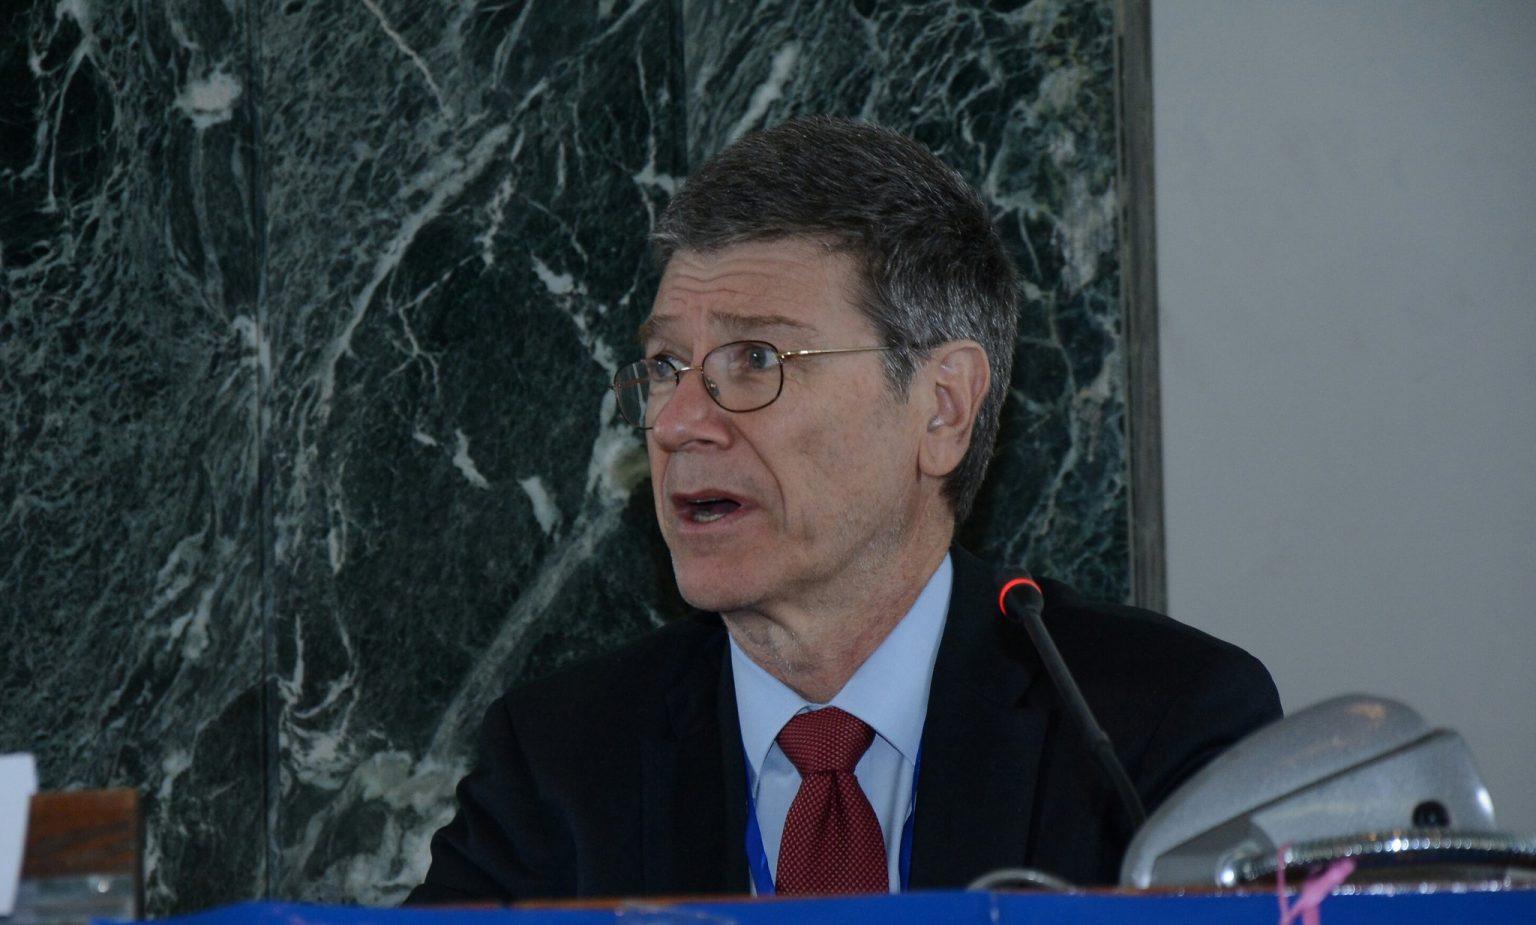 Le président de la commission Covid du Lancet a des liens avec la Chine